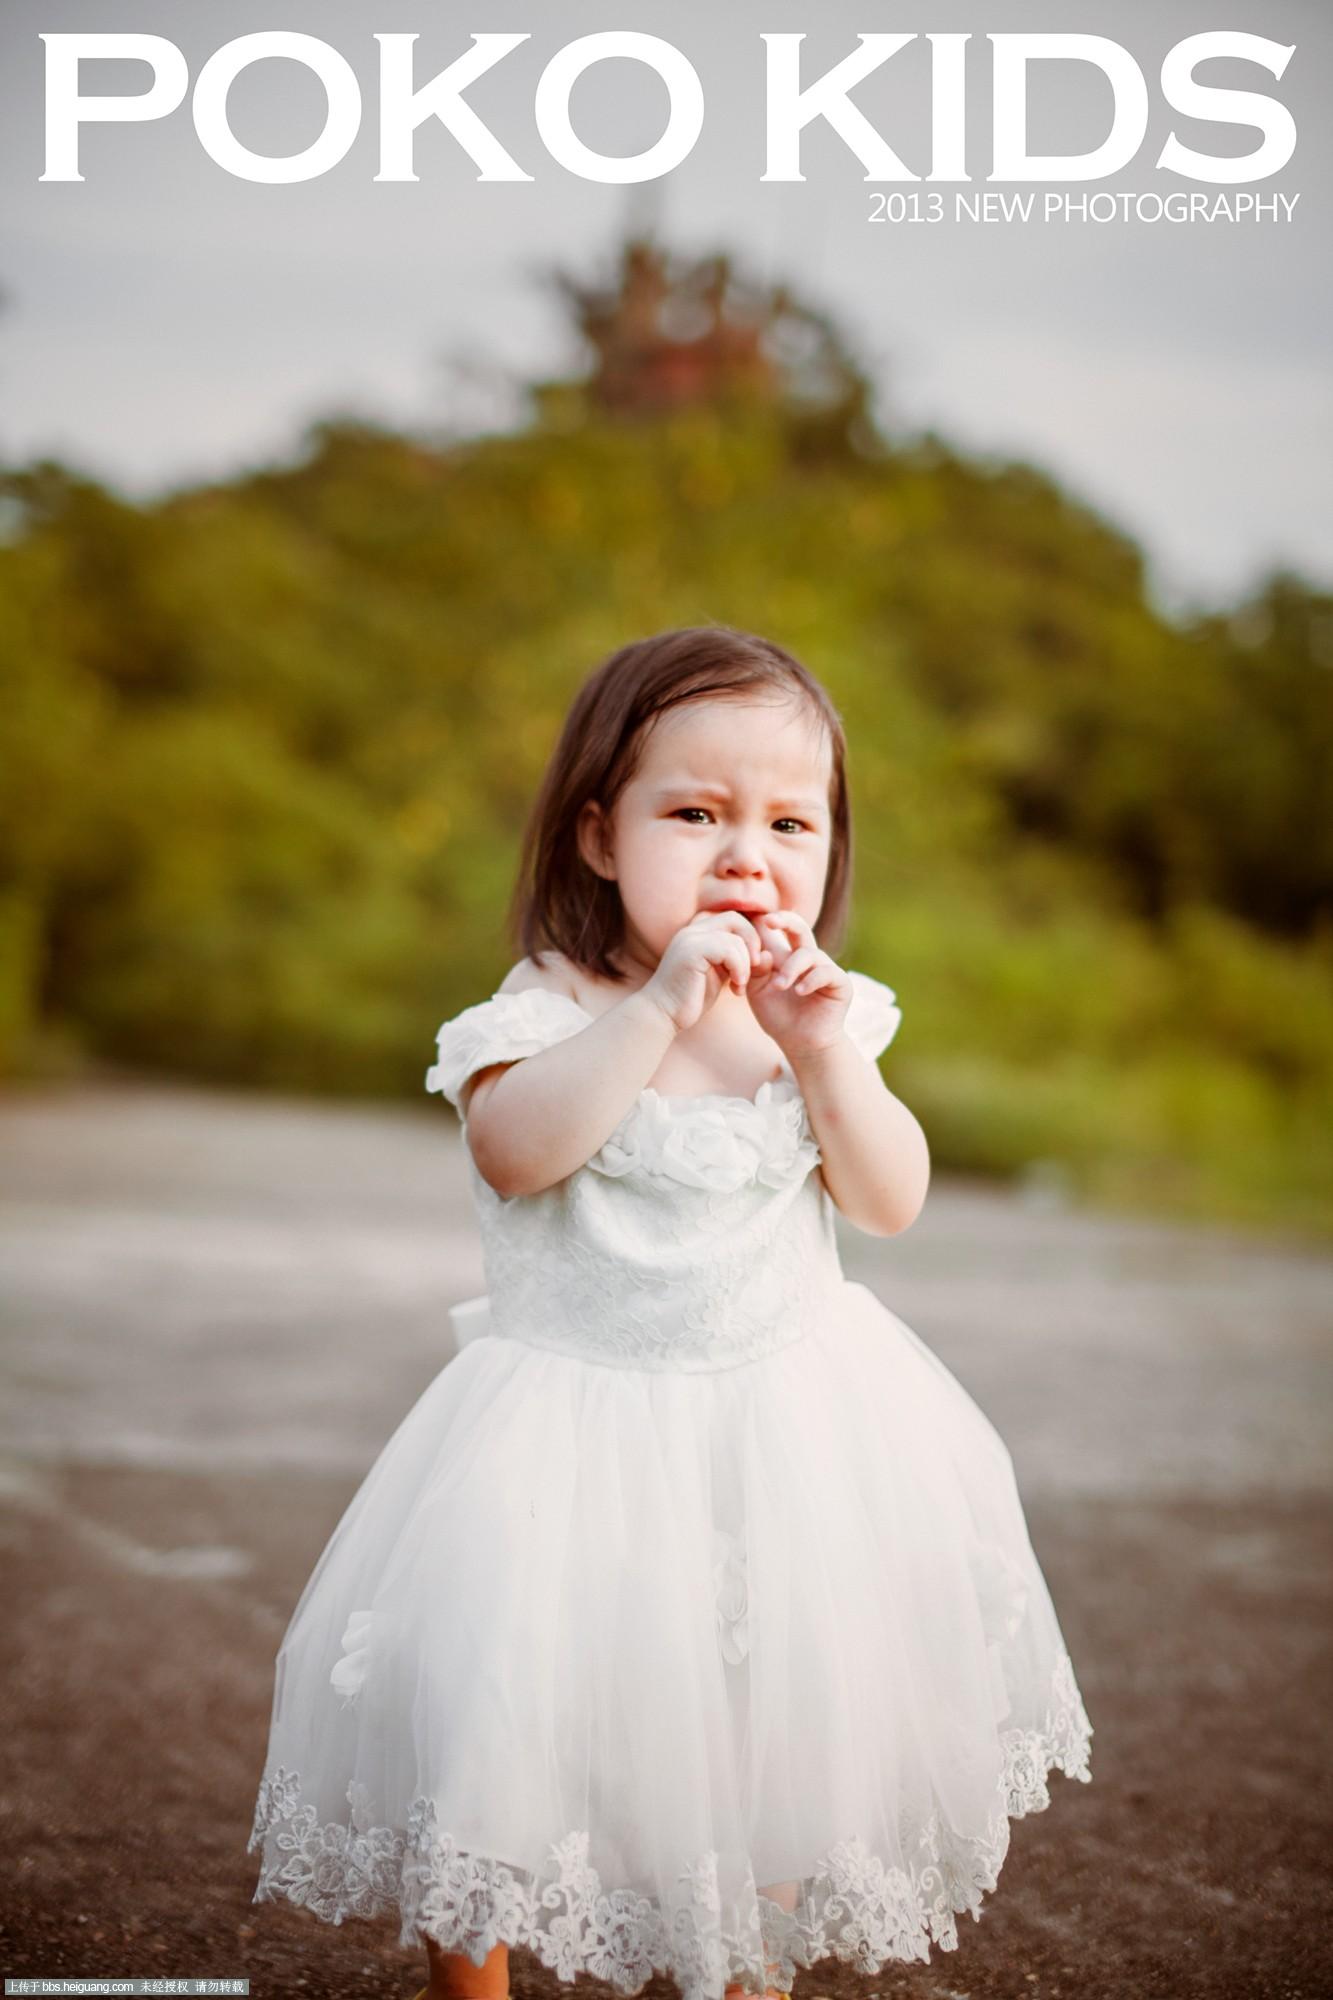 黑光论坛 69 作品欣赏 69 儿童摄影作品 69 亲子小萝莉-桂林